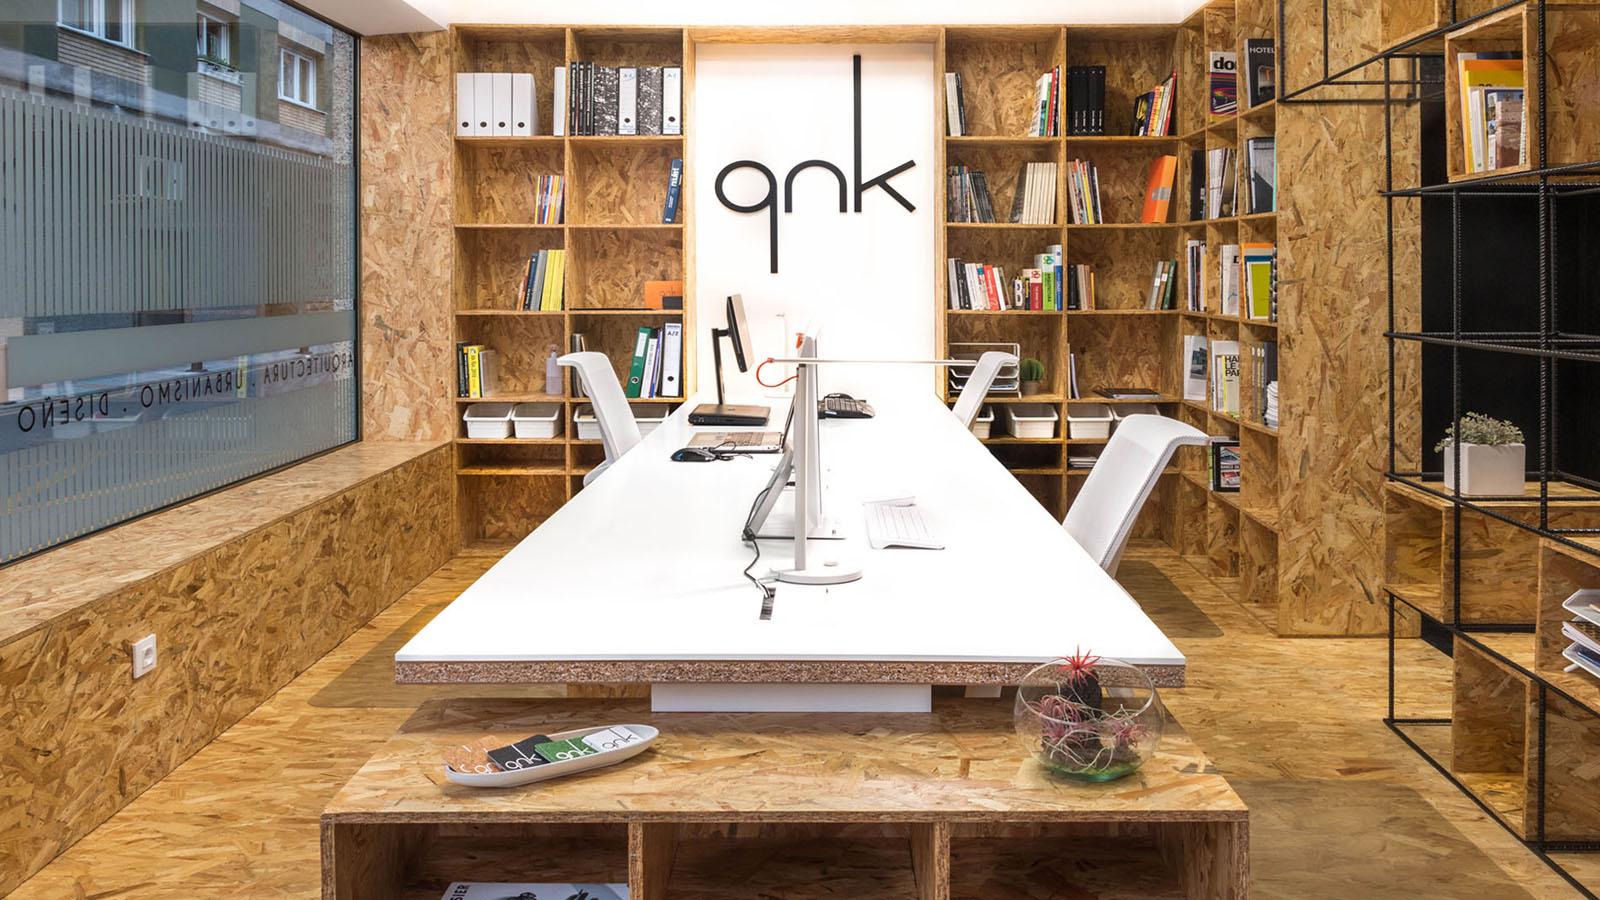 Estudio qnk Zona de trabajo